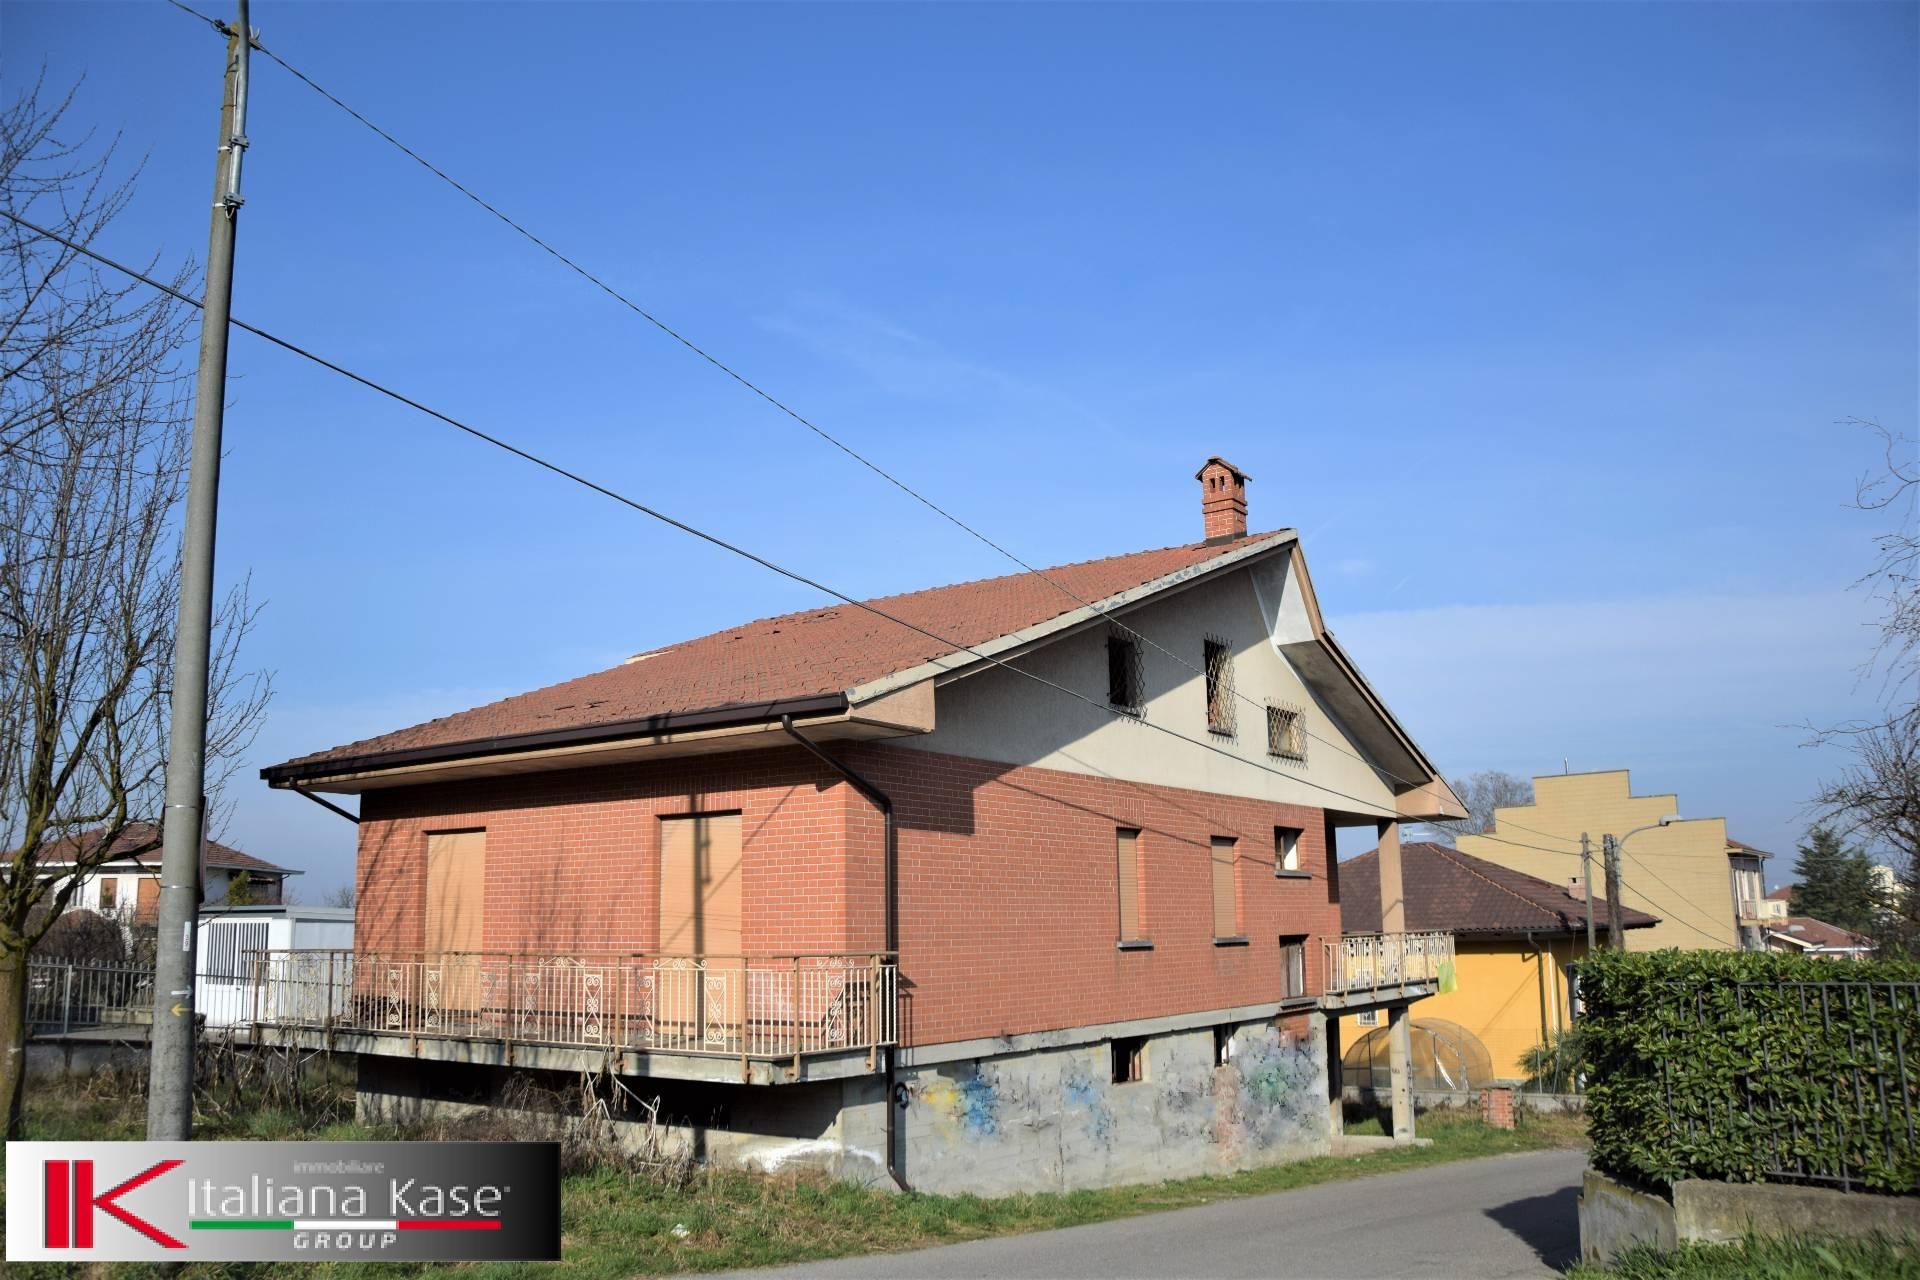 Soluzione Indipendente in vendita a Castiglione Torinese, 8 locali, zona Località: Centro, prezzo € 320.000 | CambioCasa.it